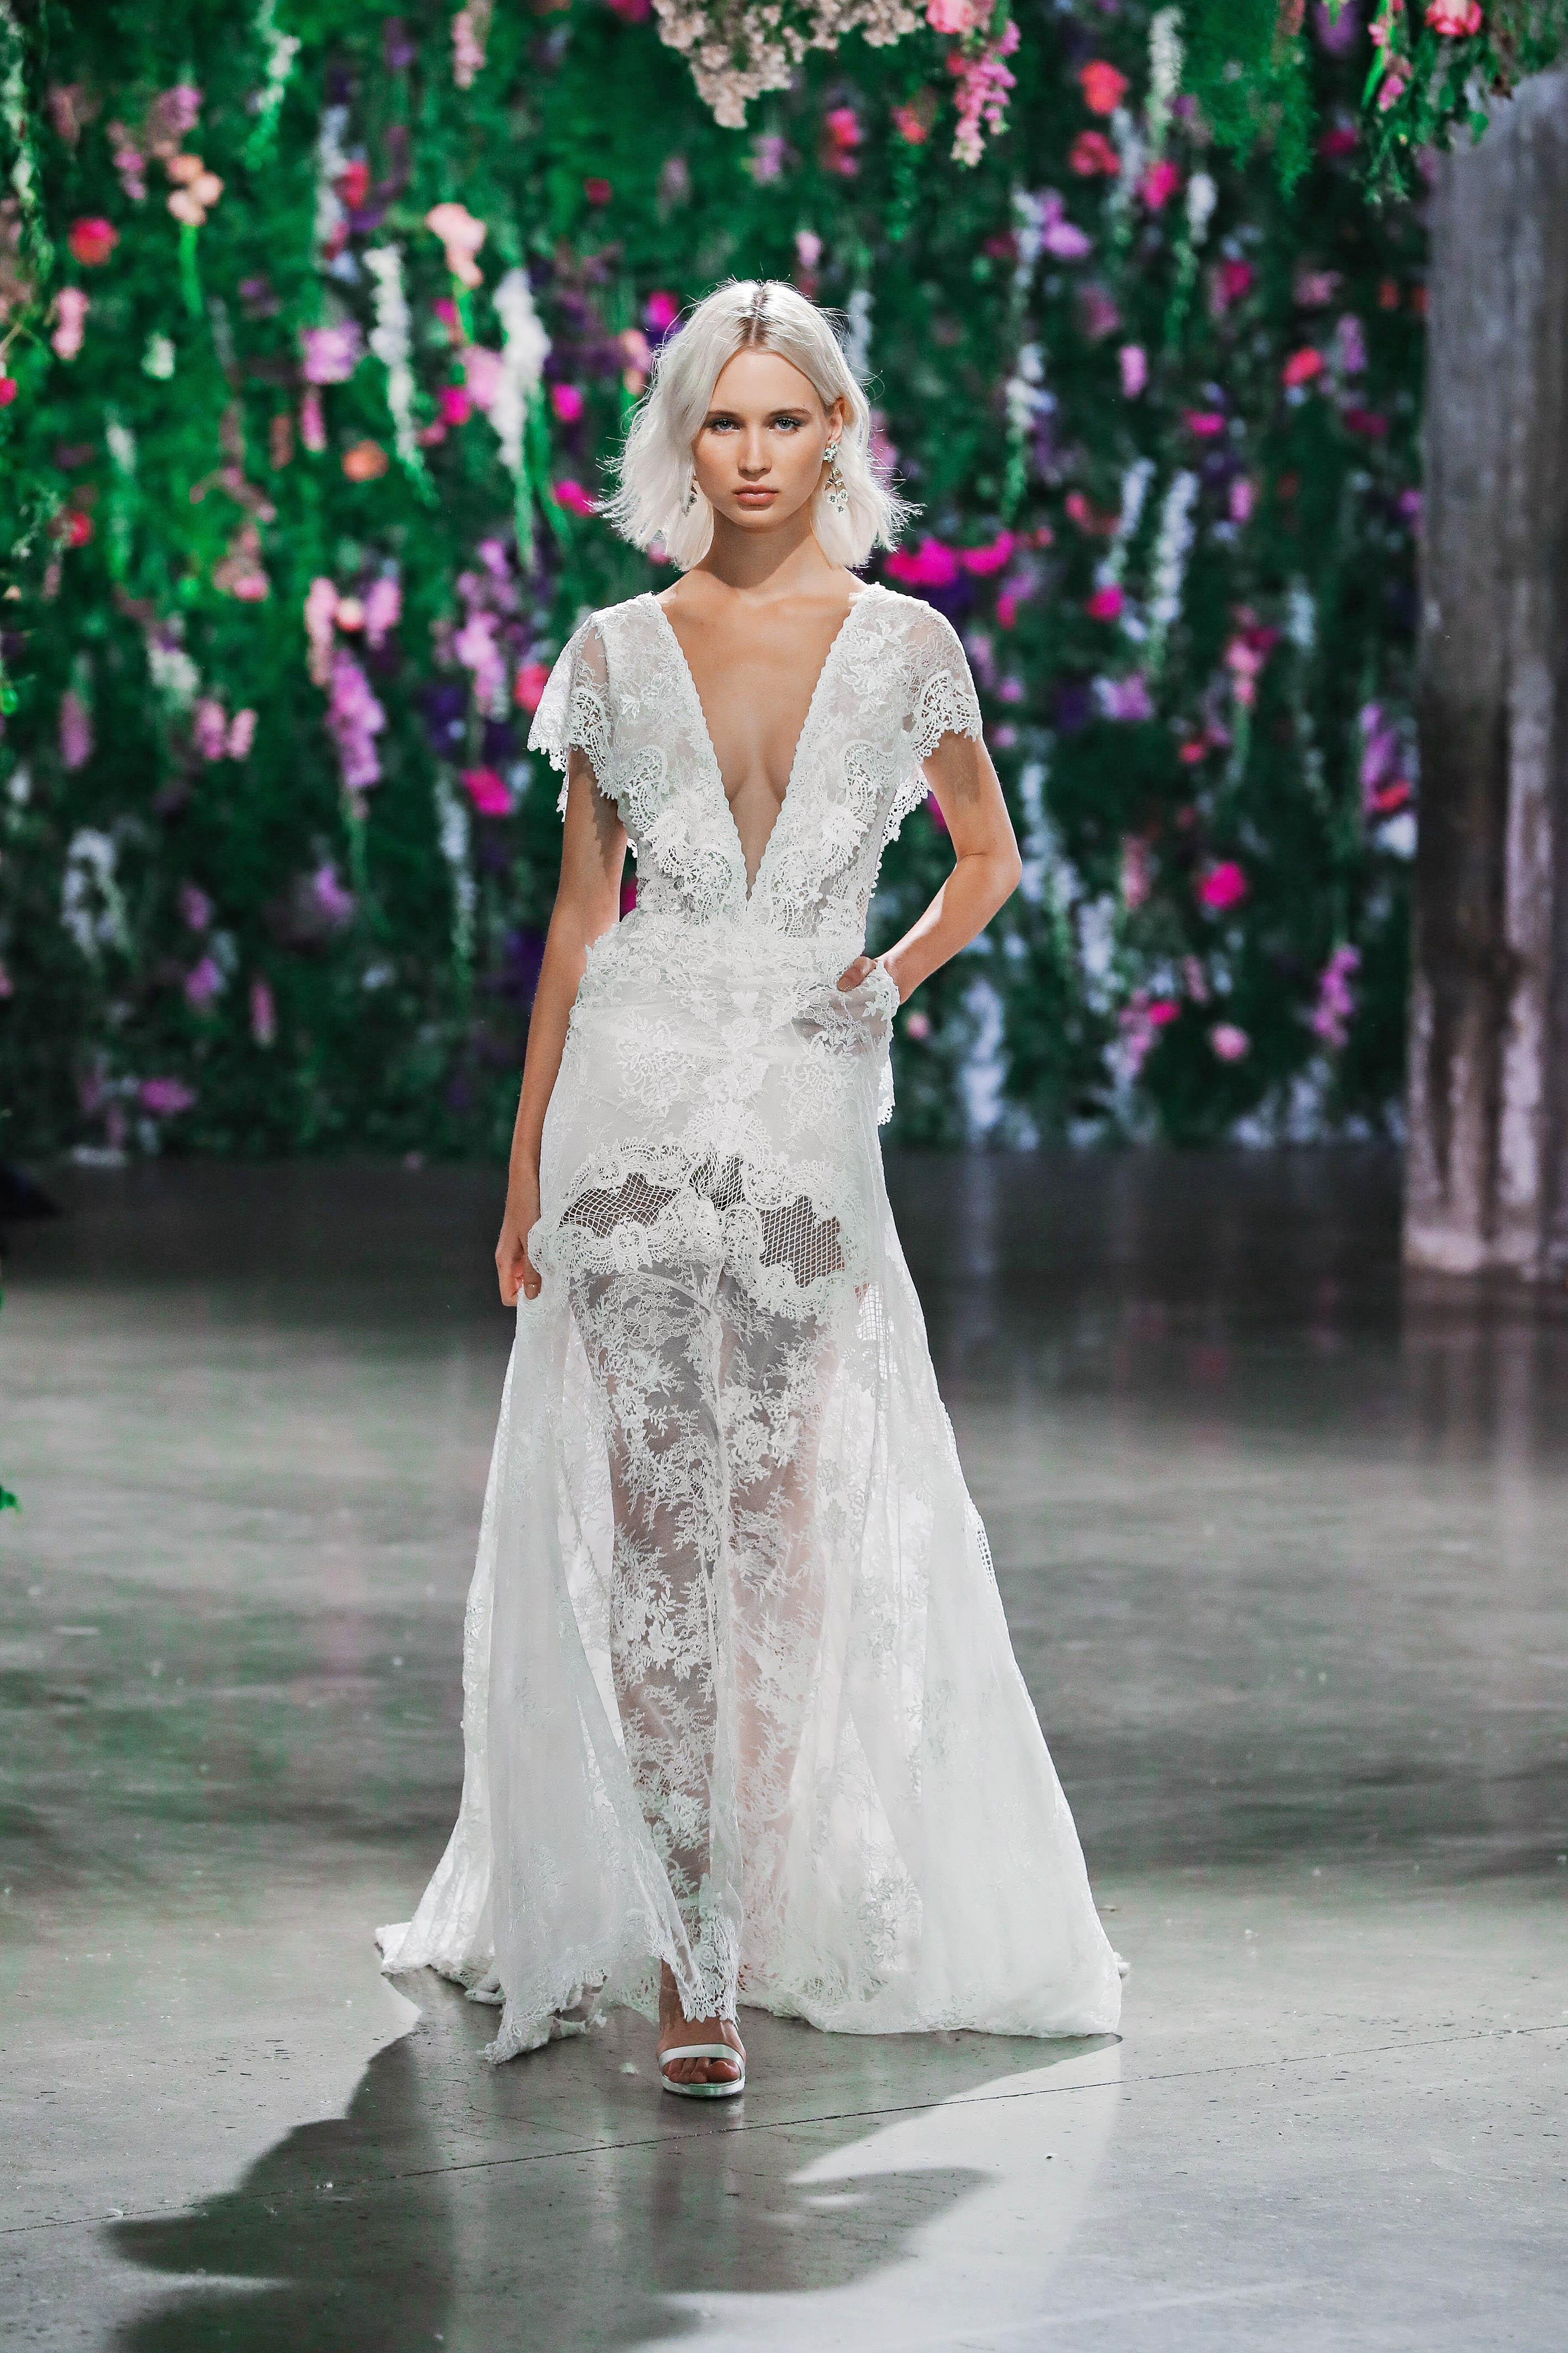 Galia Lahav Floral V-Neck Short Sleeve Wedding Dress Fall 2018